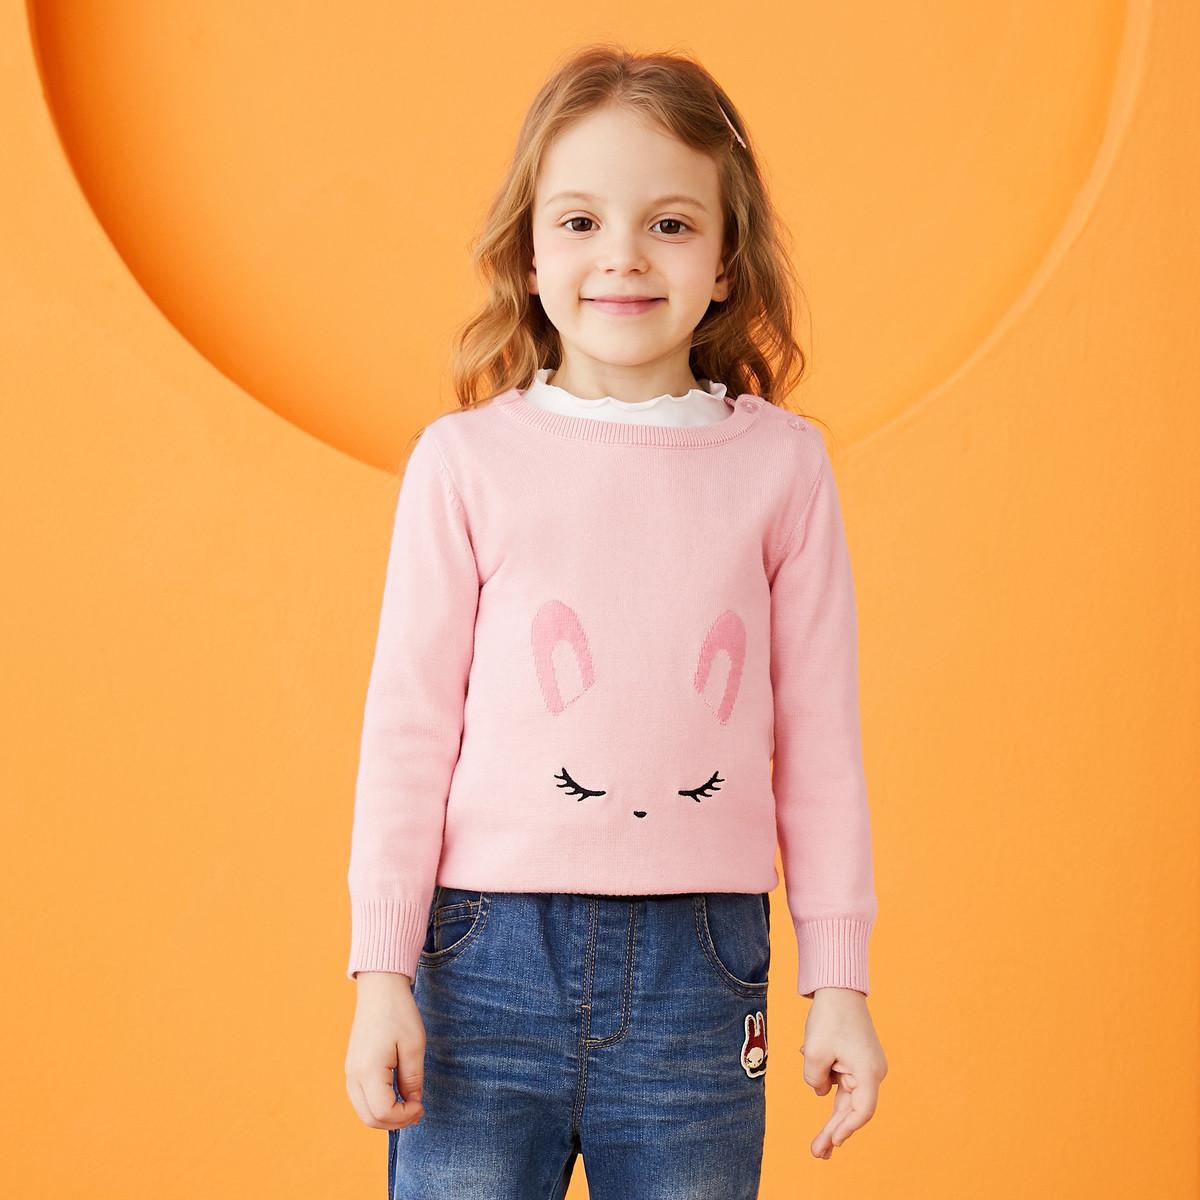 安奈儿安奈儿童装女童圆领套头毛衣2019冬装新款TG944422P073